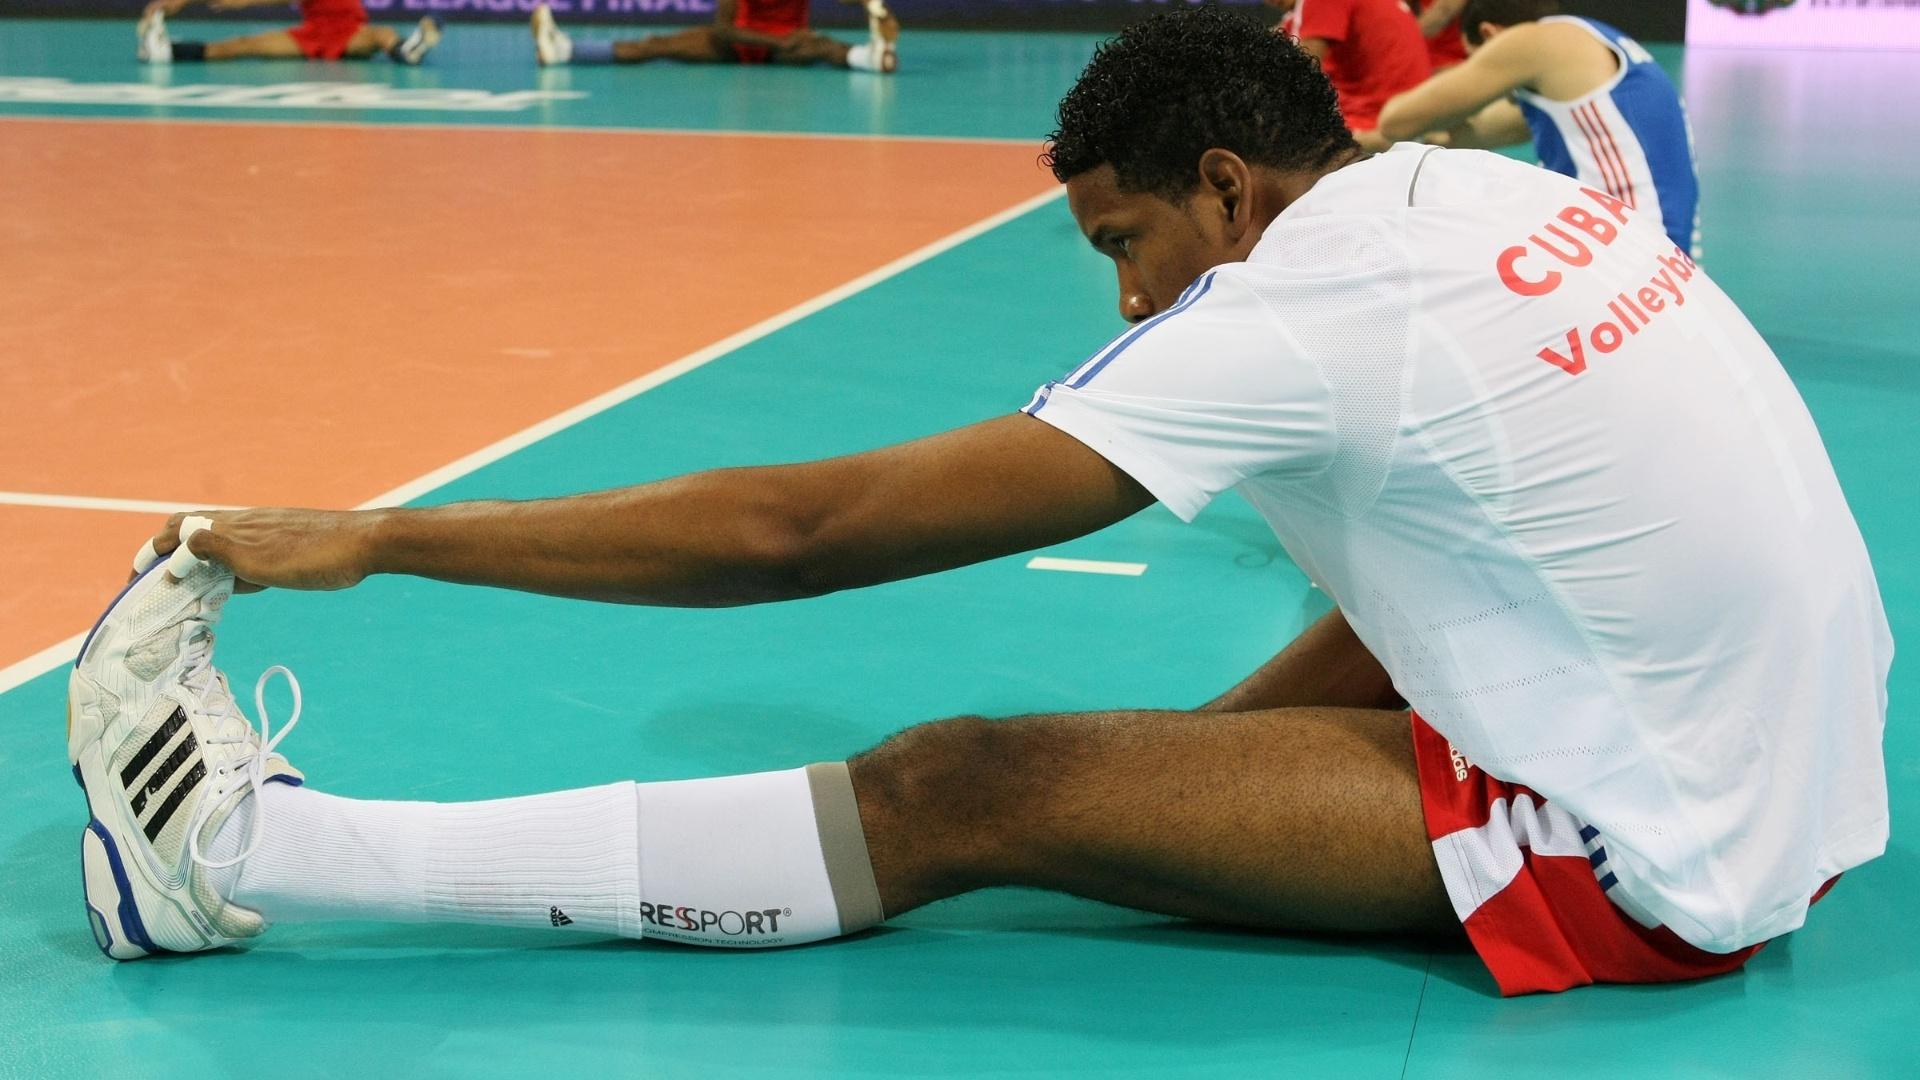 Leon, de Cuba, se alonga antes do início do jogo com o Brasil; jogador deu trabalho ao time de Bernardinho